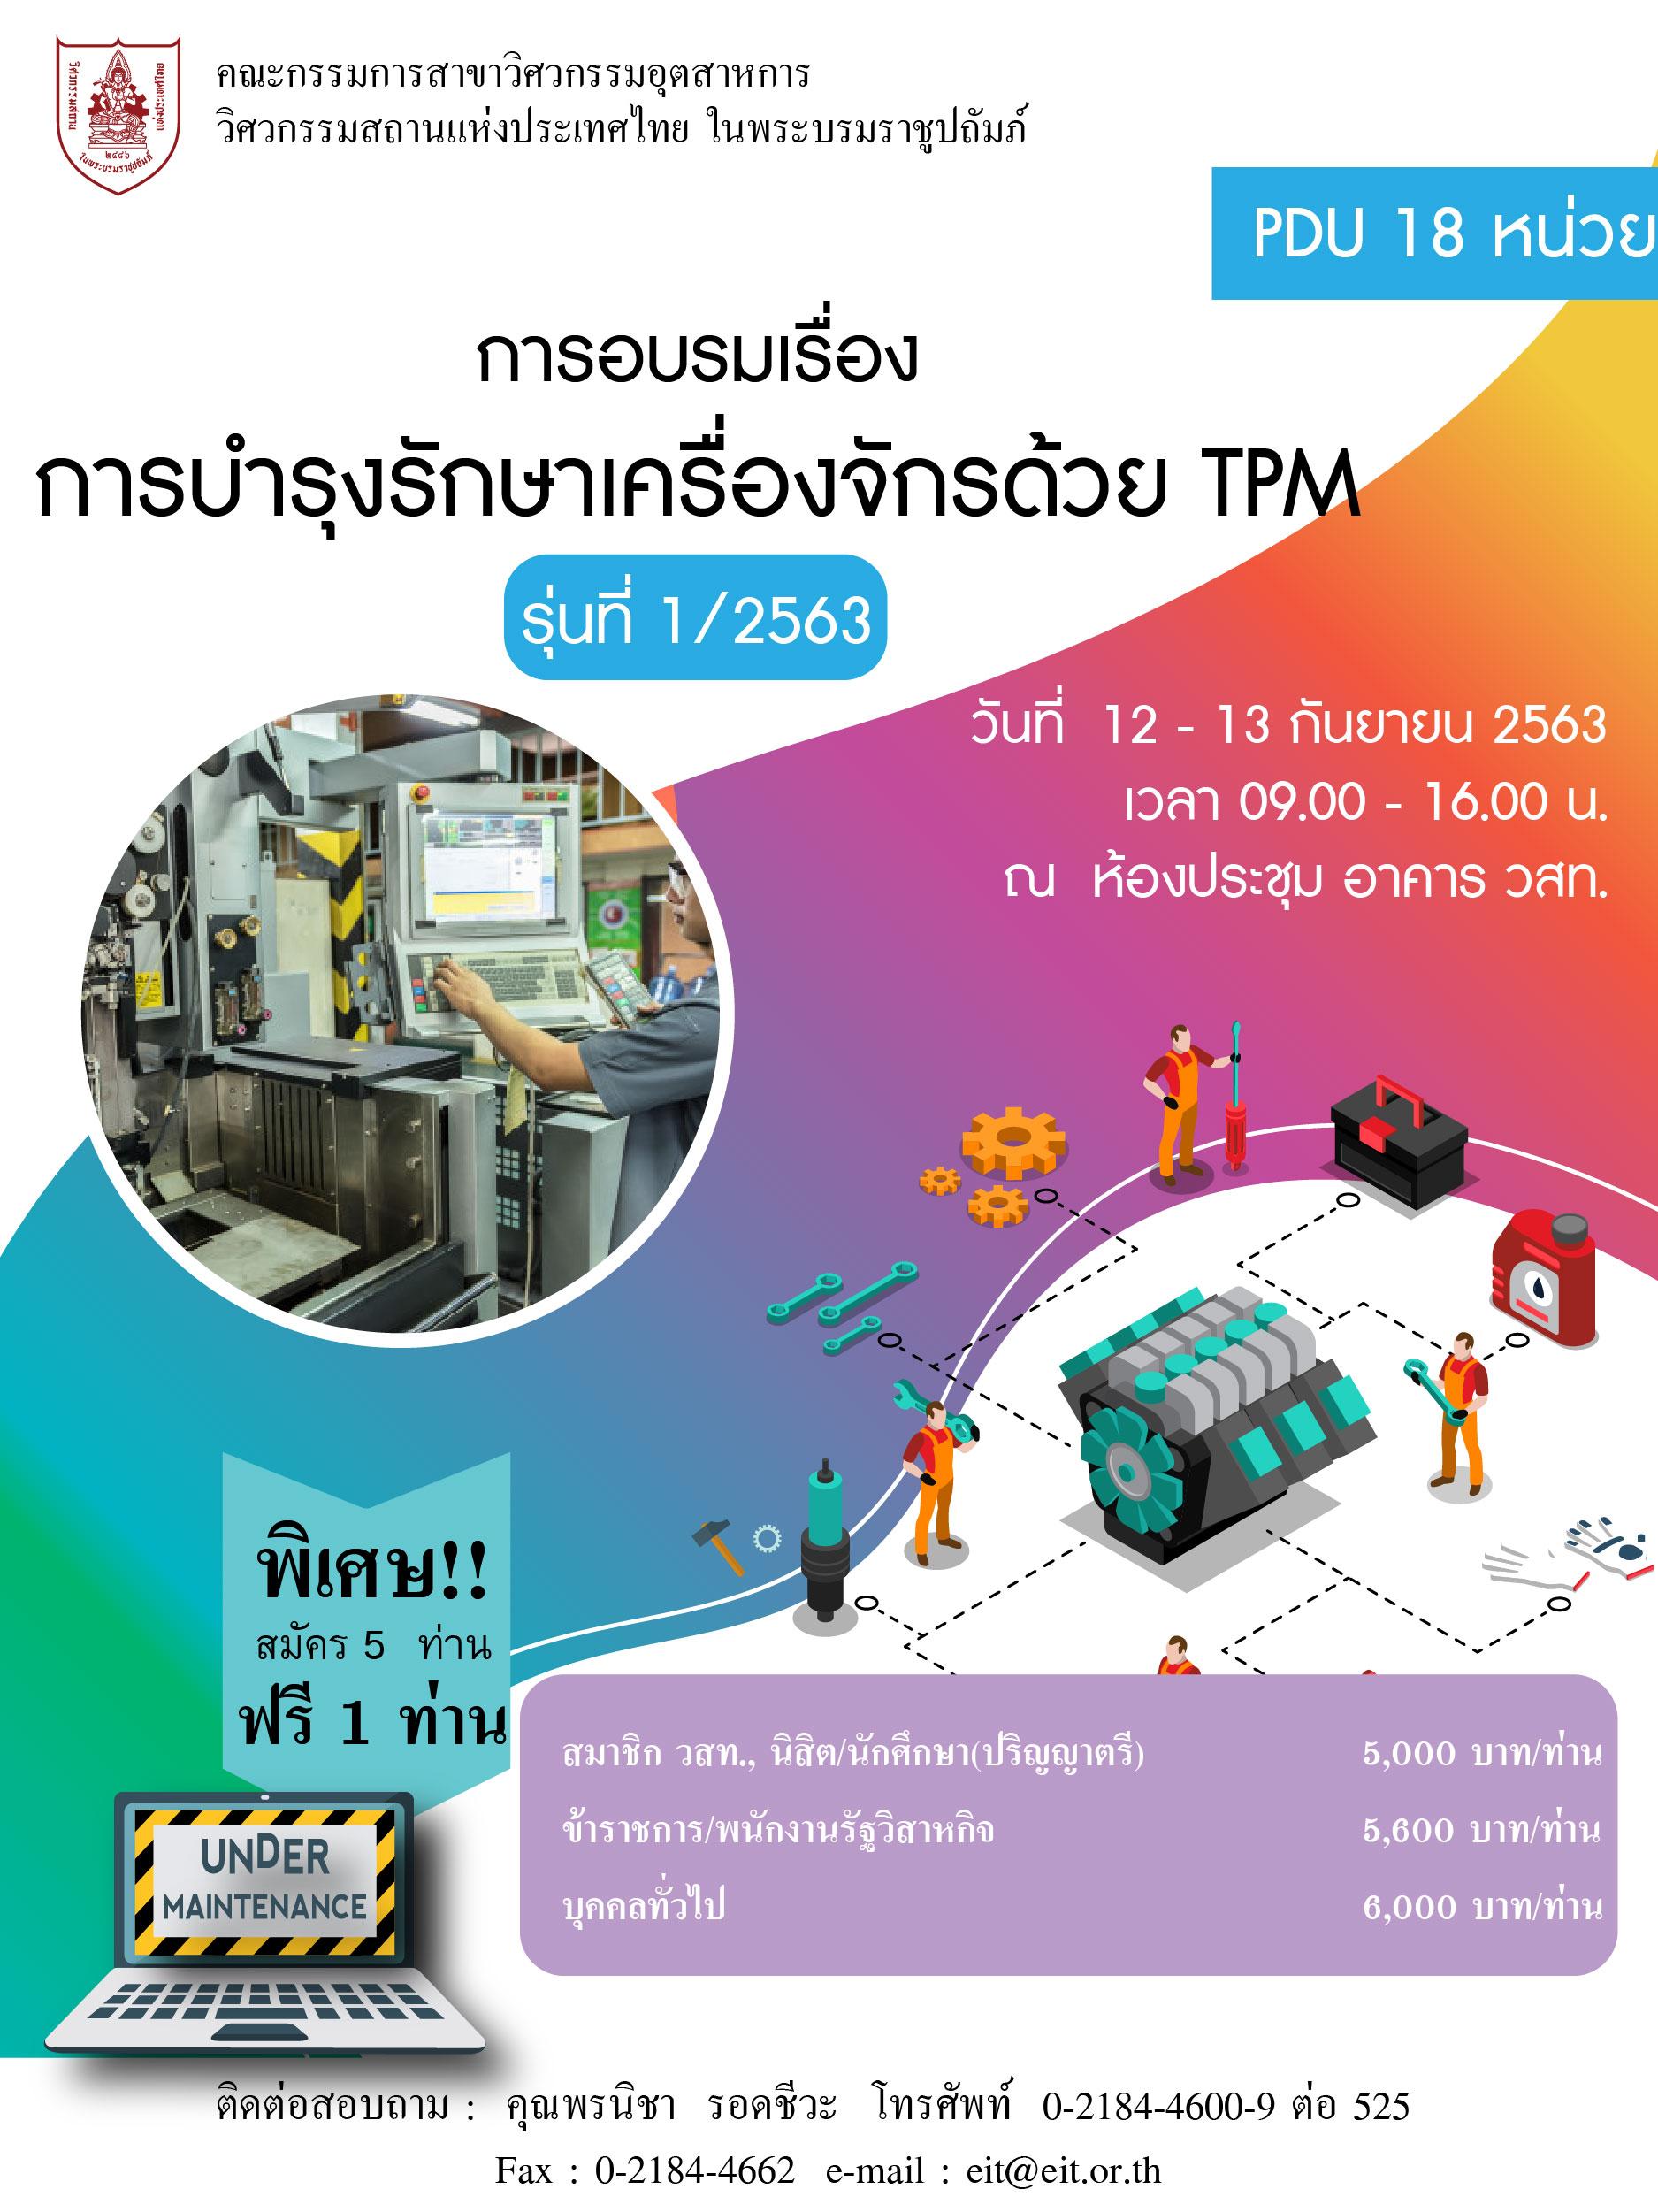 *** ขอเลื่อน *** 12-13/09/2563 การอบรมเรื่อง การบำรุงรักษาเครื่องจักรด้วย TPM รุ่นที่ 1/2563